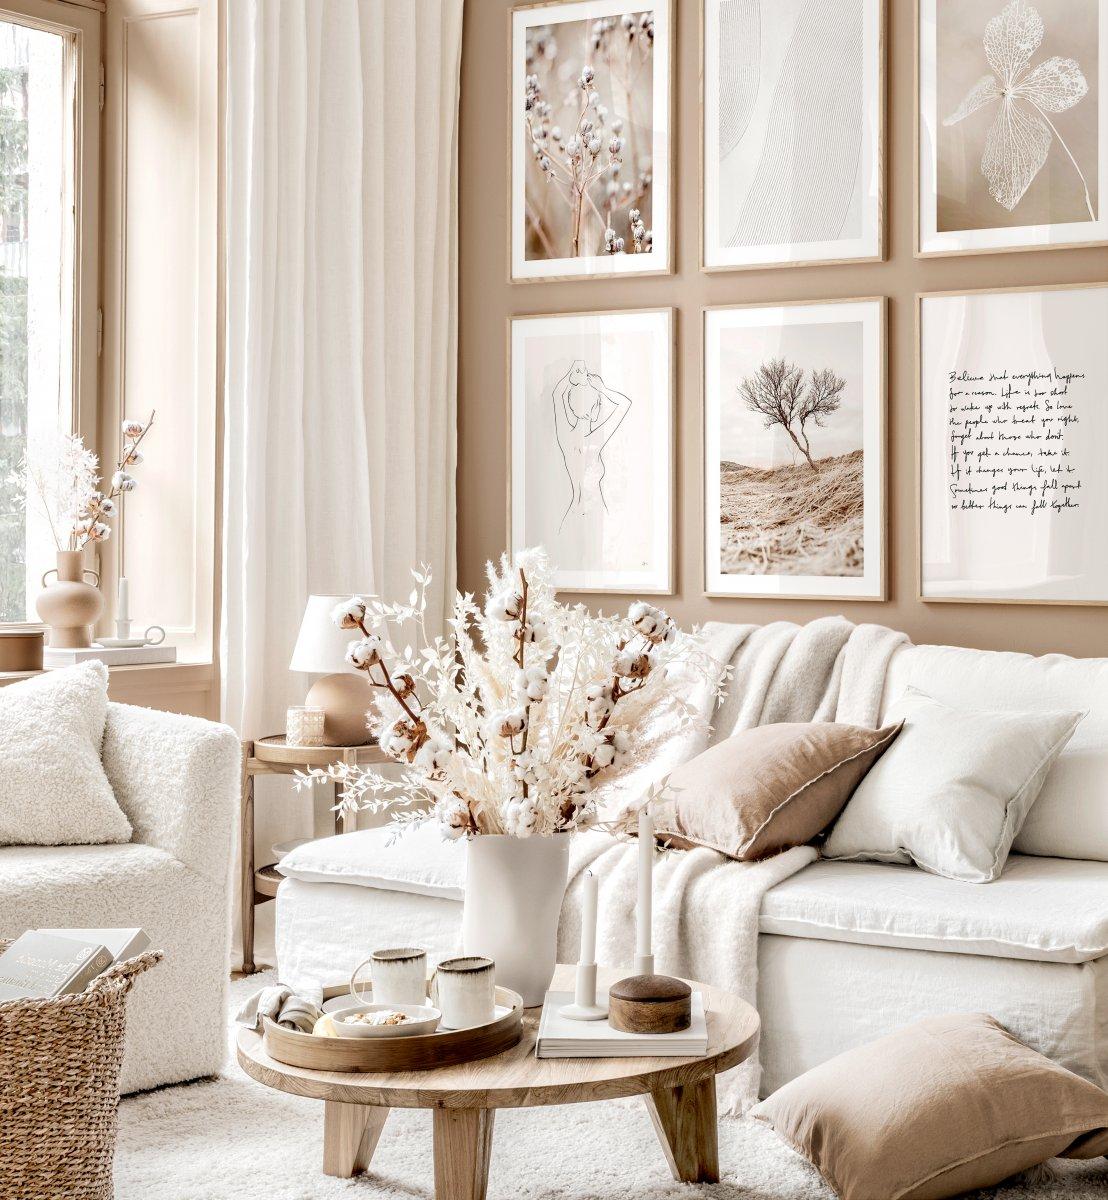 Arrange a Gallery Wall